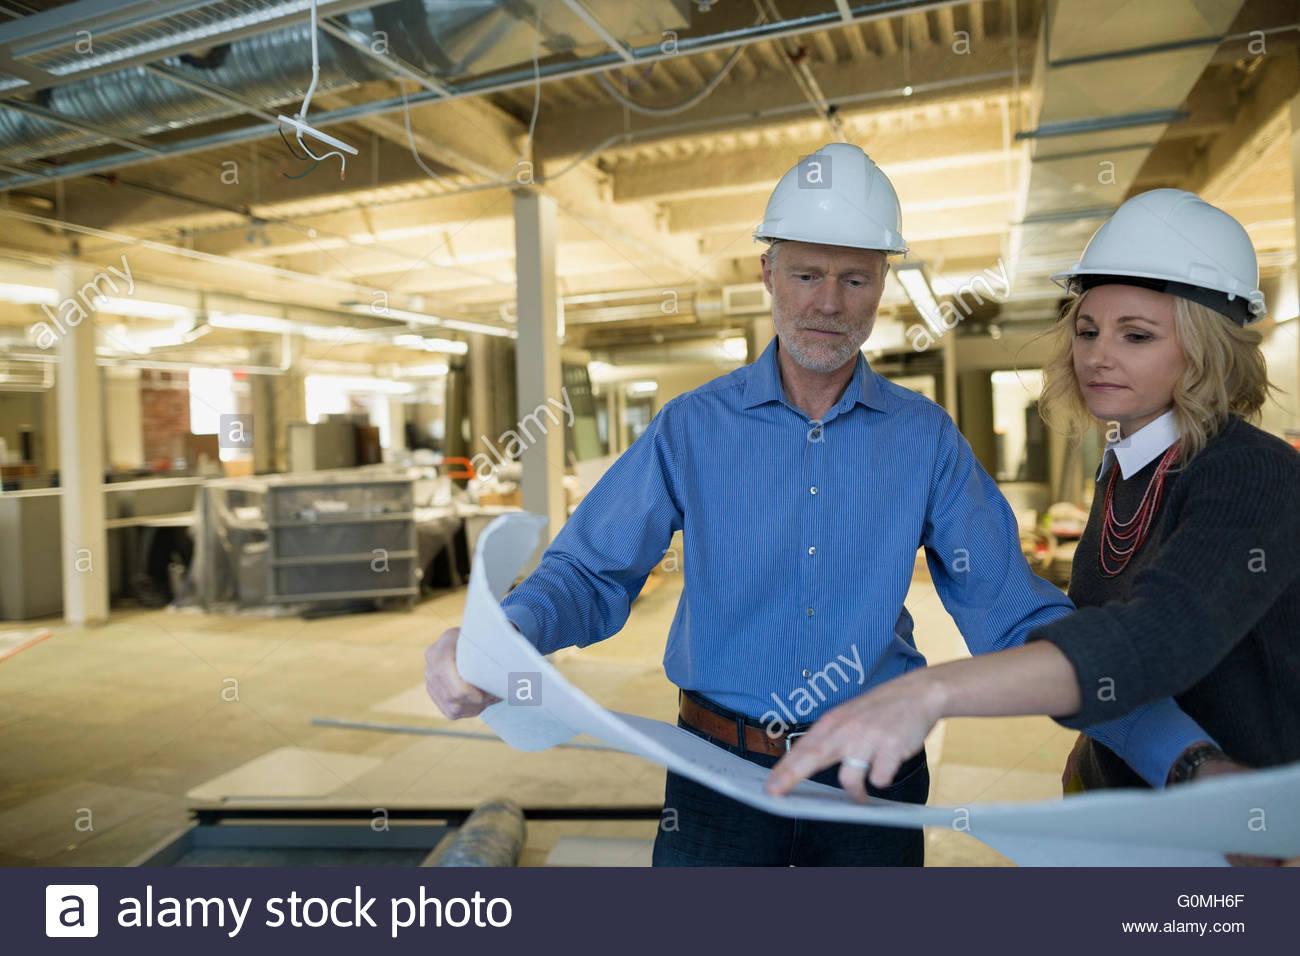 Architetto e ingegnere rivedendo le cianografie office sito in costruzione Immagini Stock